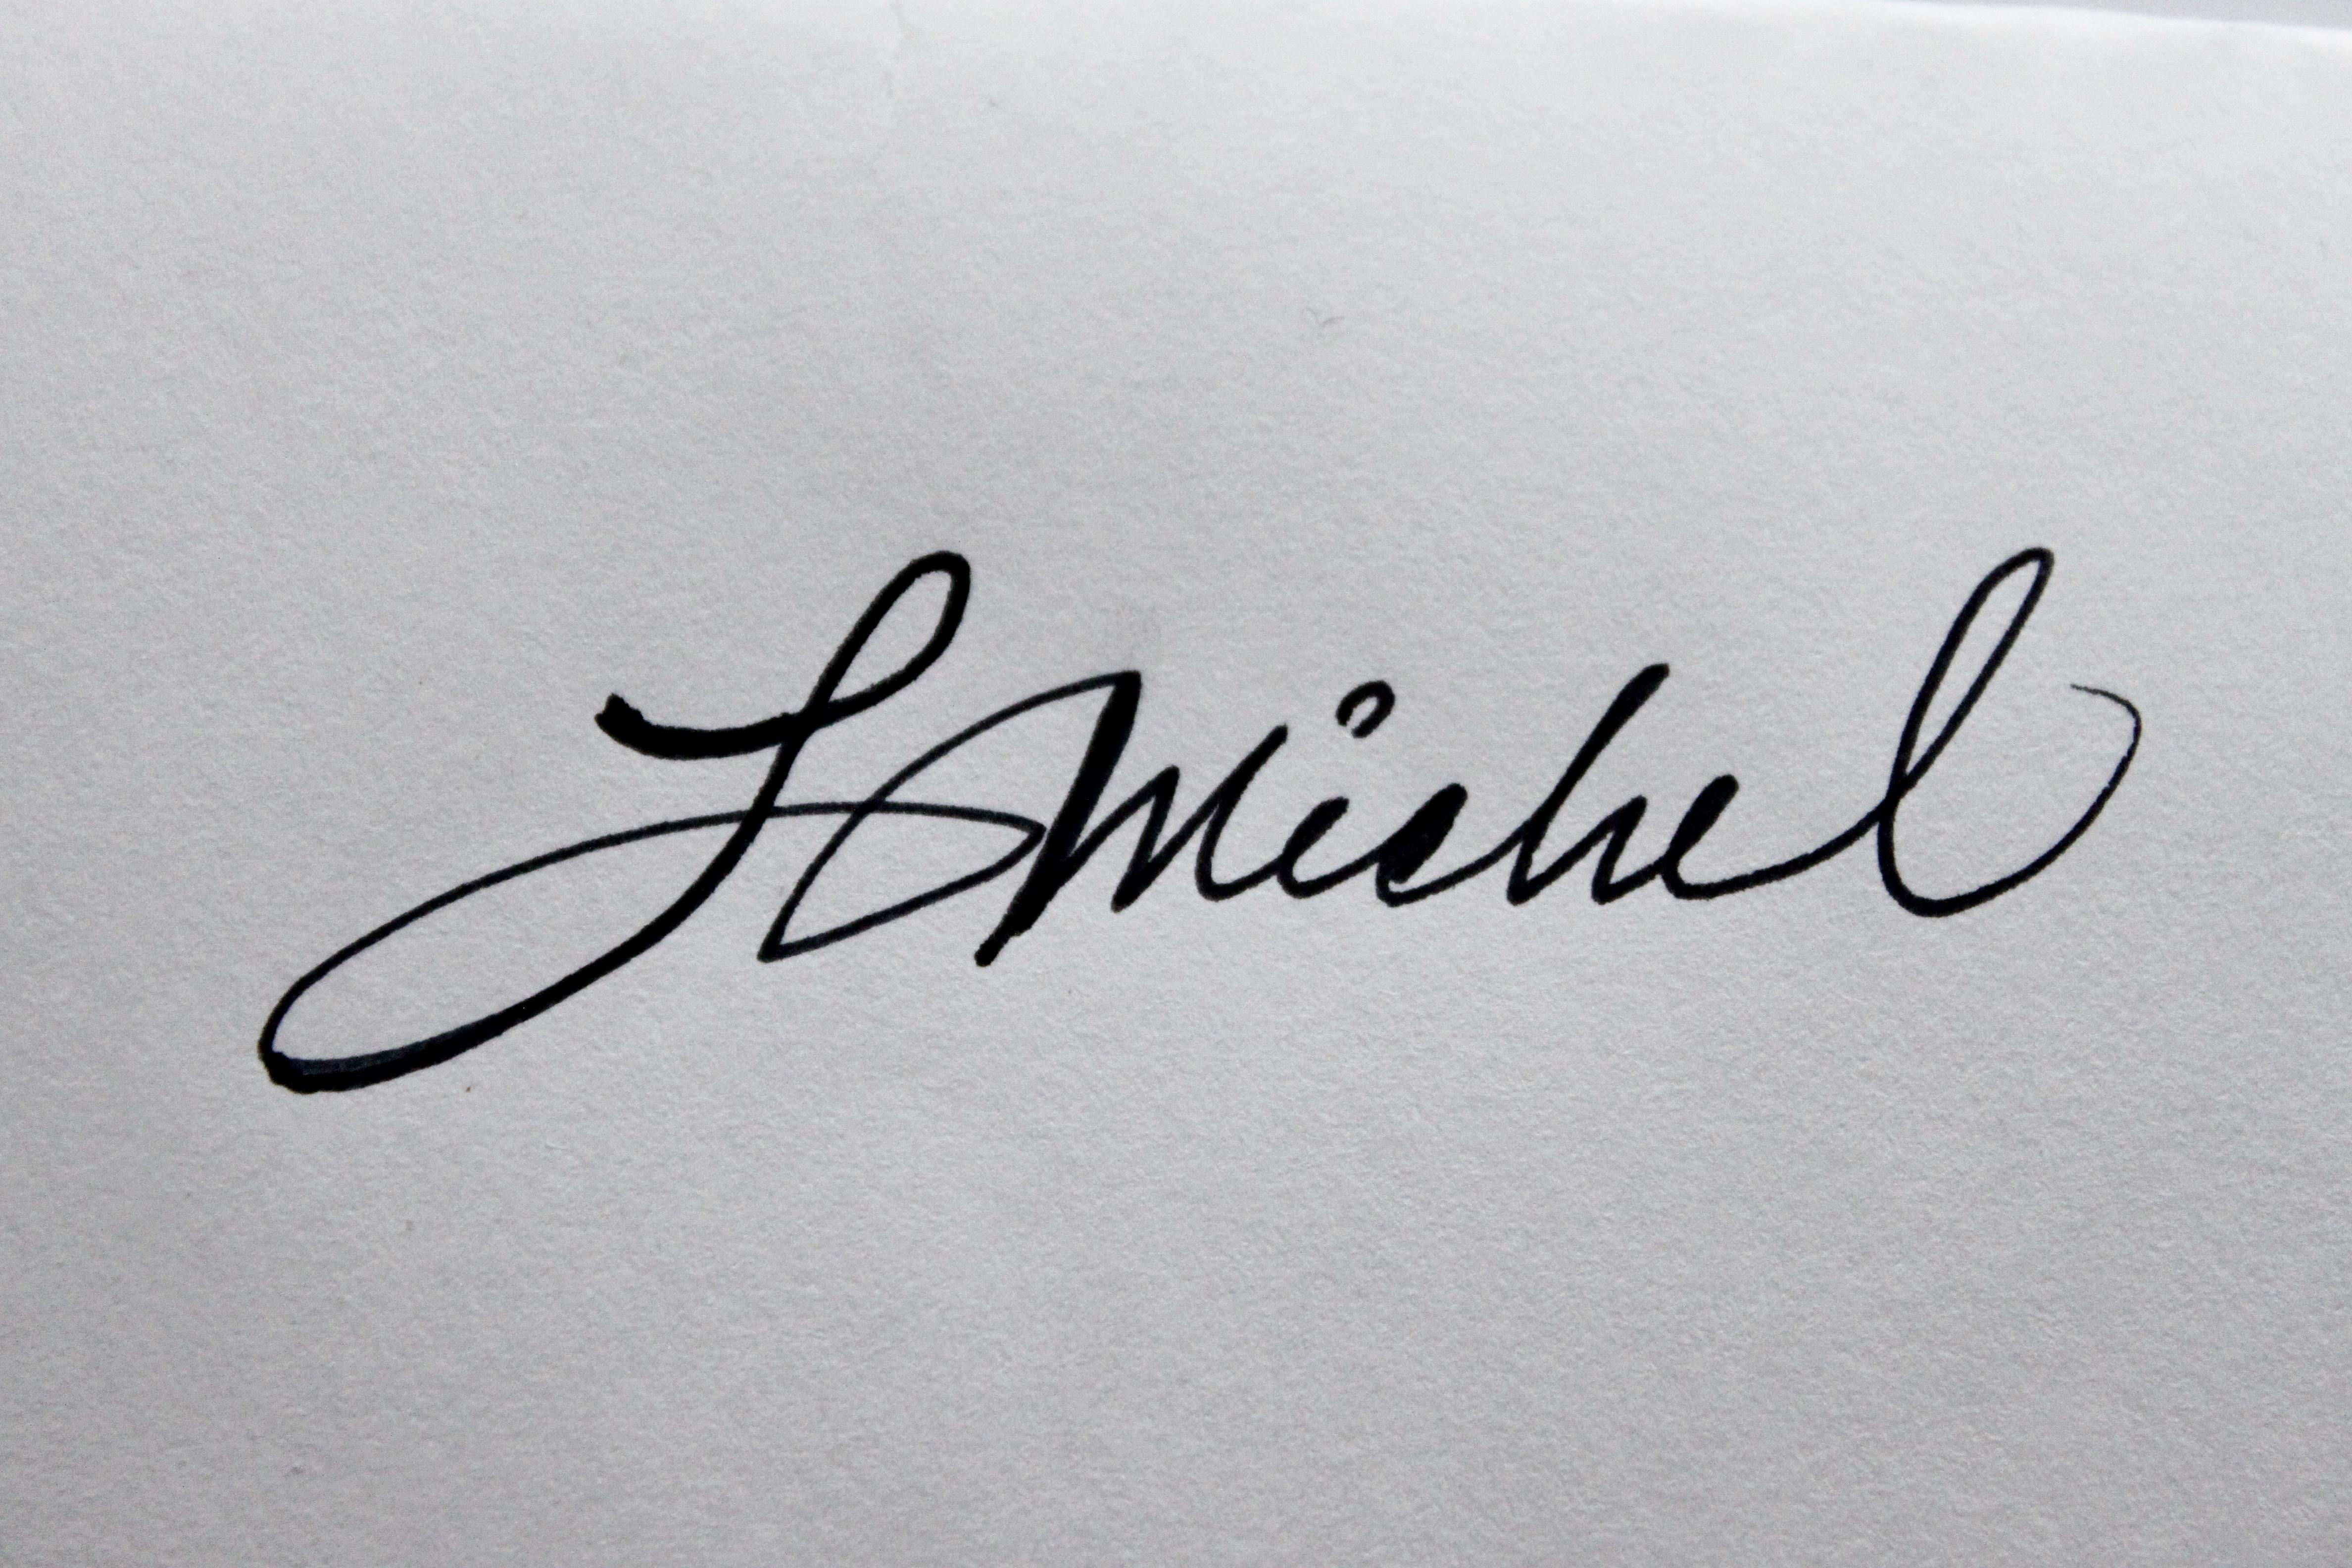 lucie michel's Signature